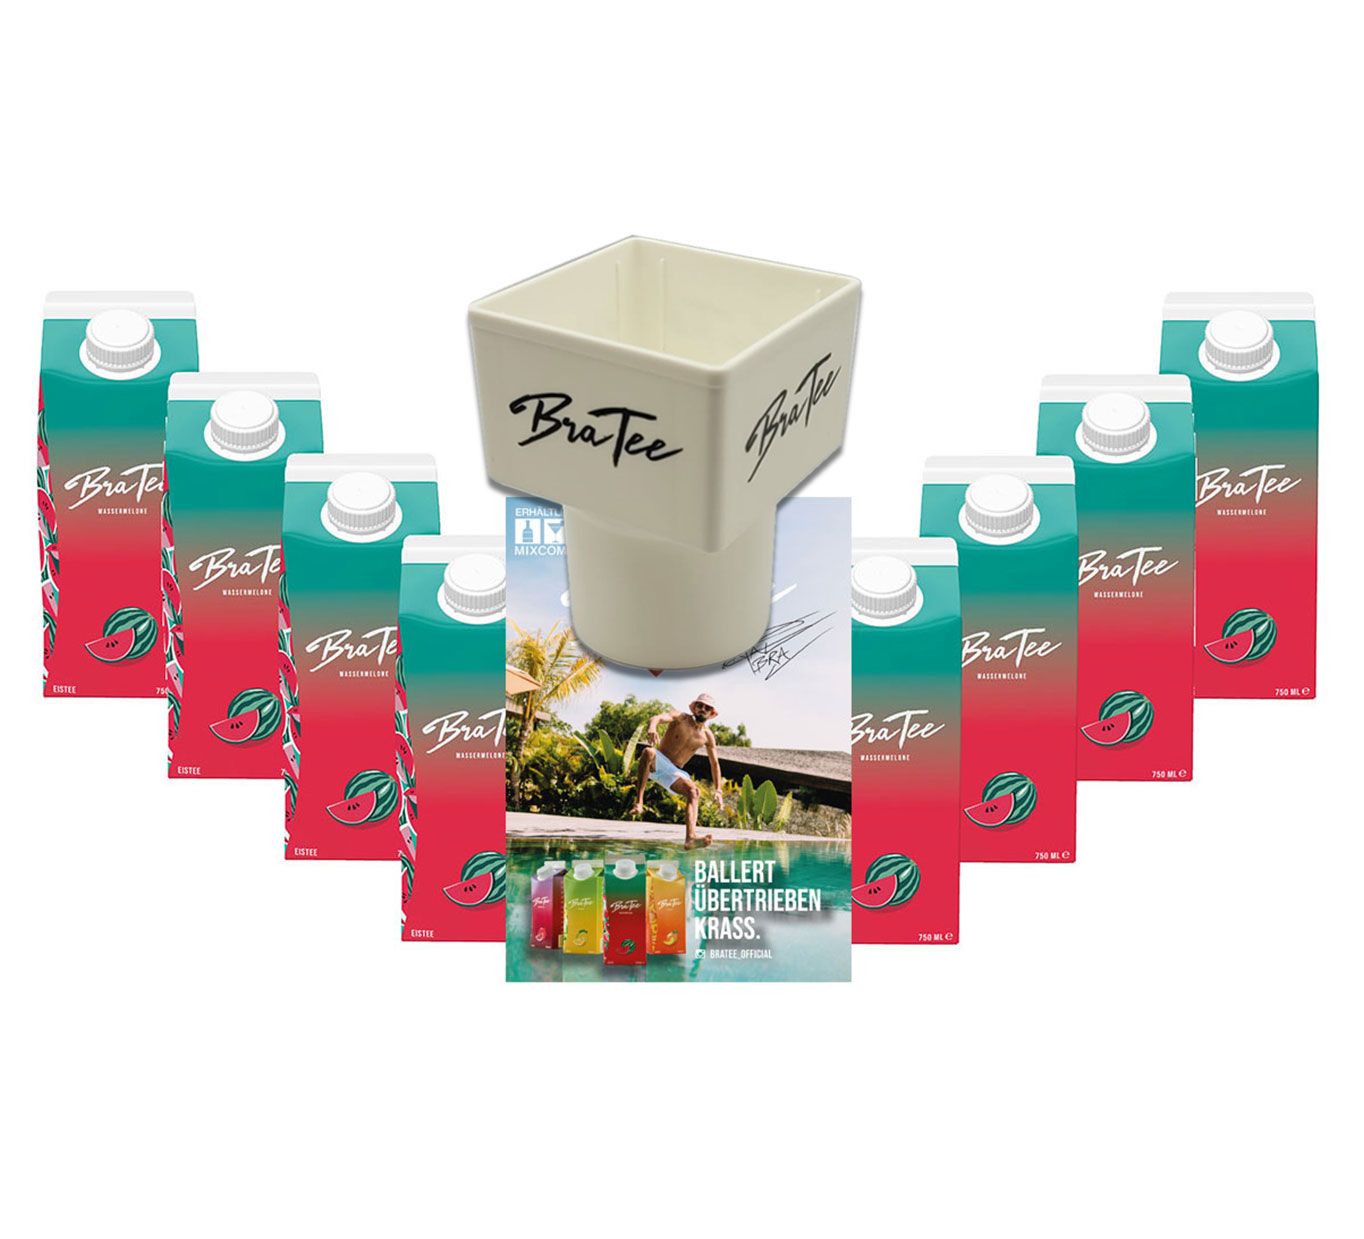 Capital BraTee 8er Set Eistee Wassermelone water melon 750ml + Gratis Getränkehalter + Autogrammkarte BRATEE Ice tea - Heftig fruchtiger BraTee mit Wassermelonengeschmack - nicht zu süß, genau perfekt